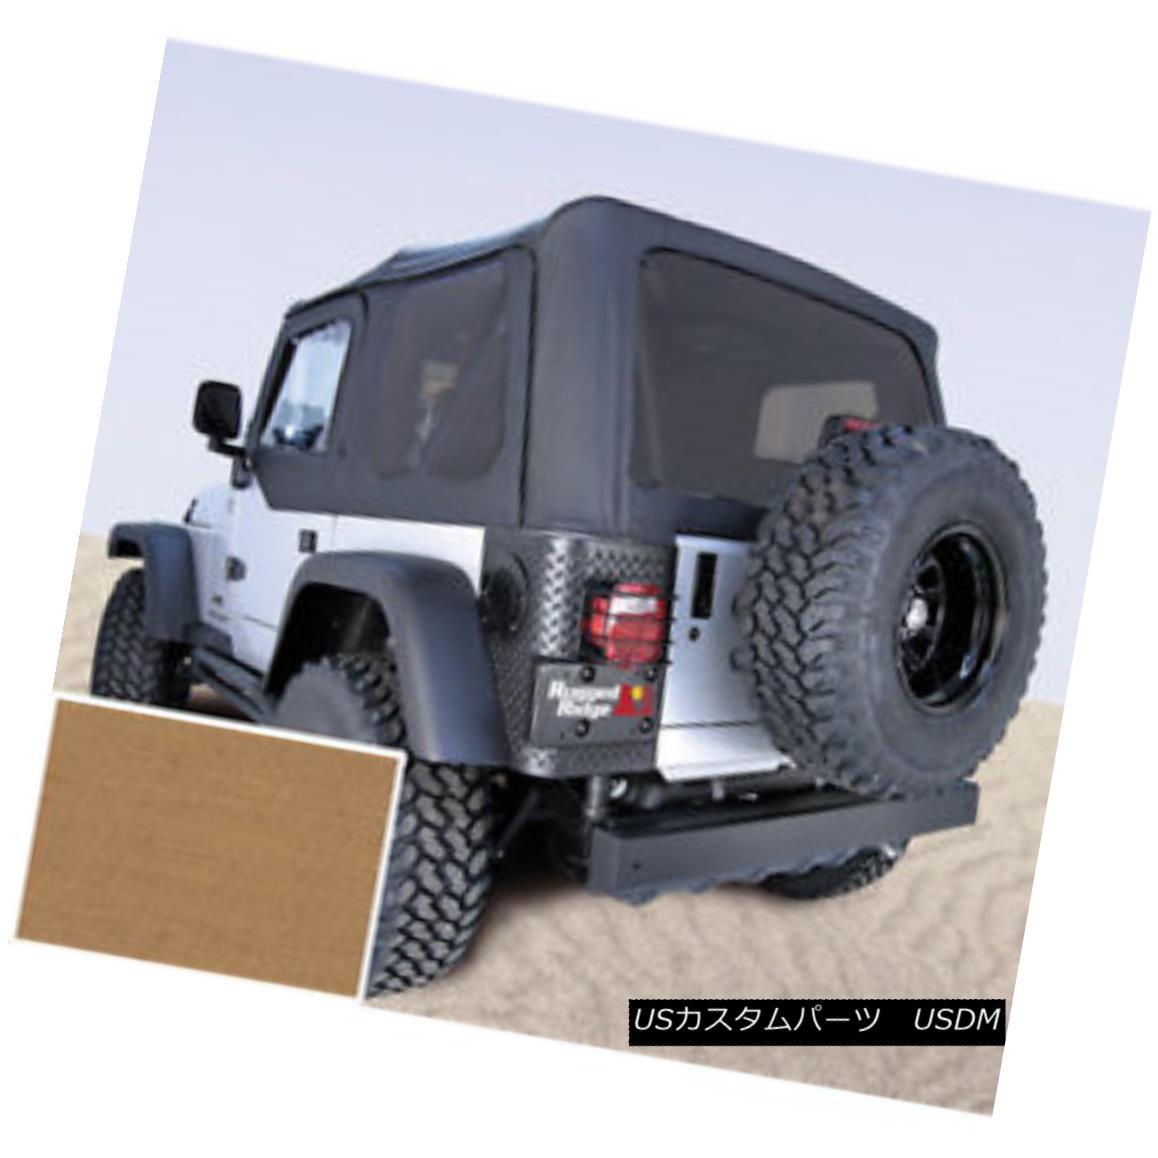 幌・ソフトトップ Rugged Ridge 13706.37 Soft Top Spice Tinted Windows 97-02 Jeep Wrangler Rugged Ridge 13706.37ソフトトップスパイスティントドウィンドウズ97-02ジープラングラー